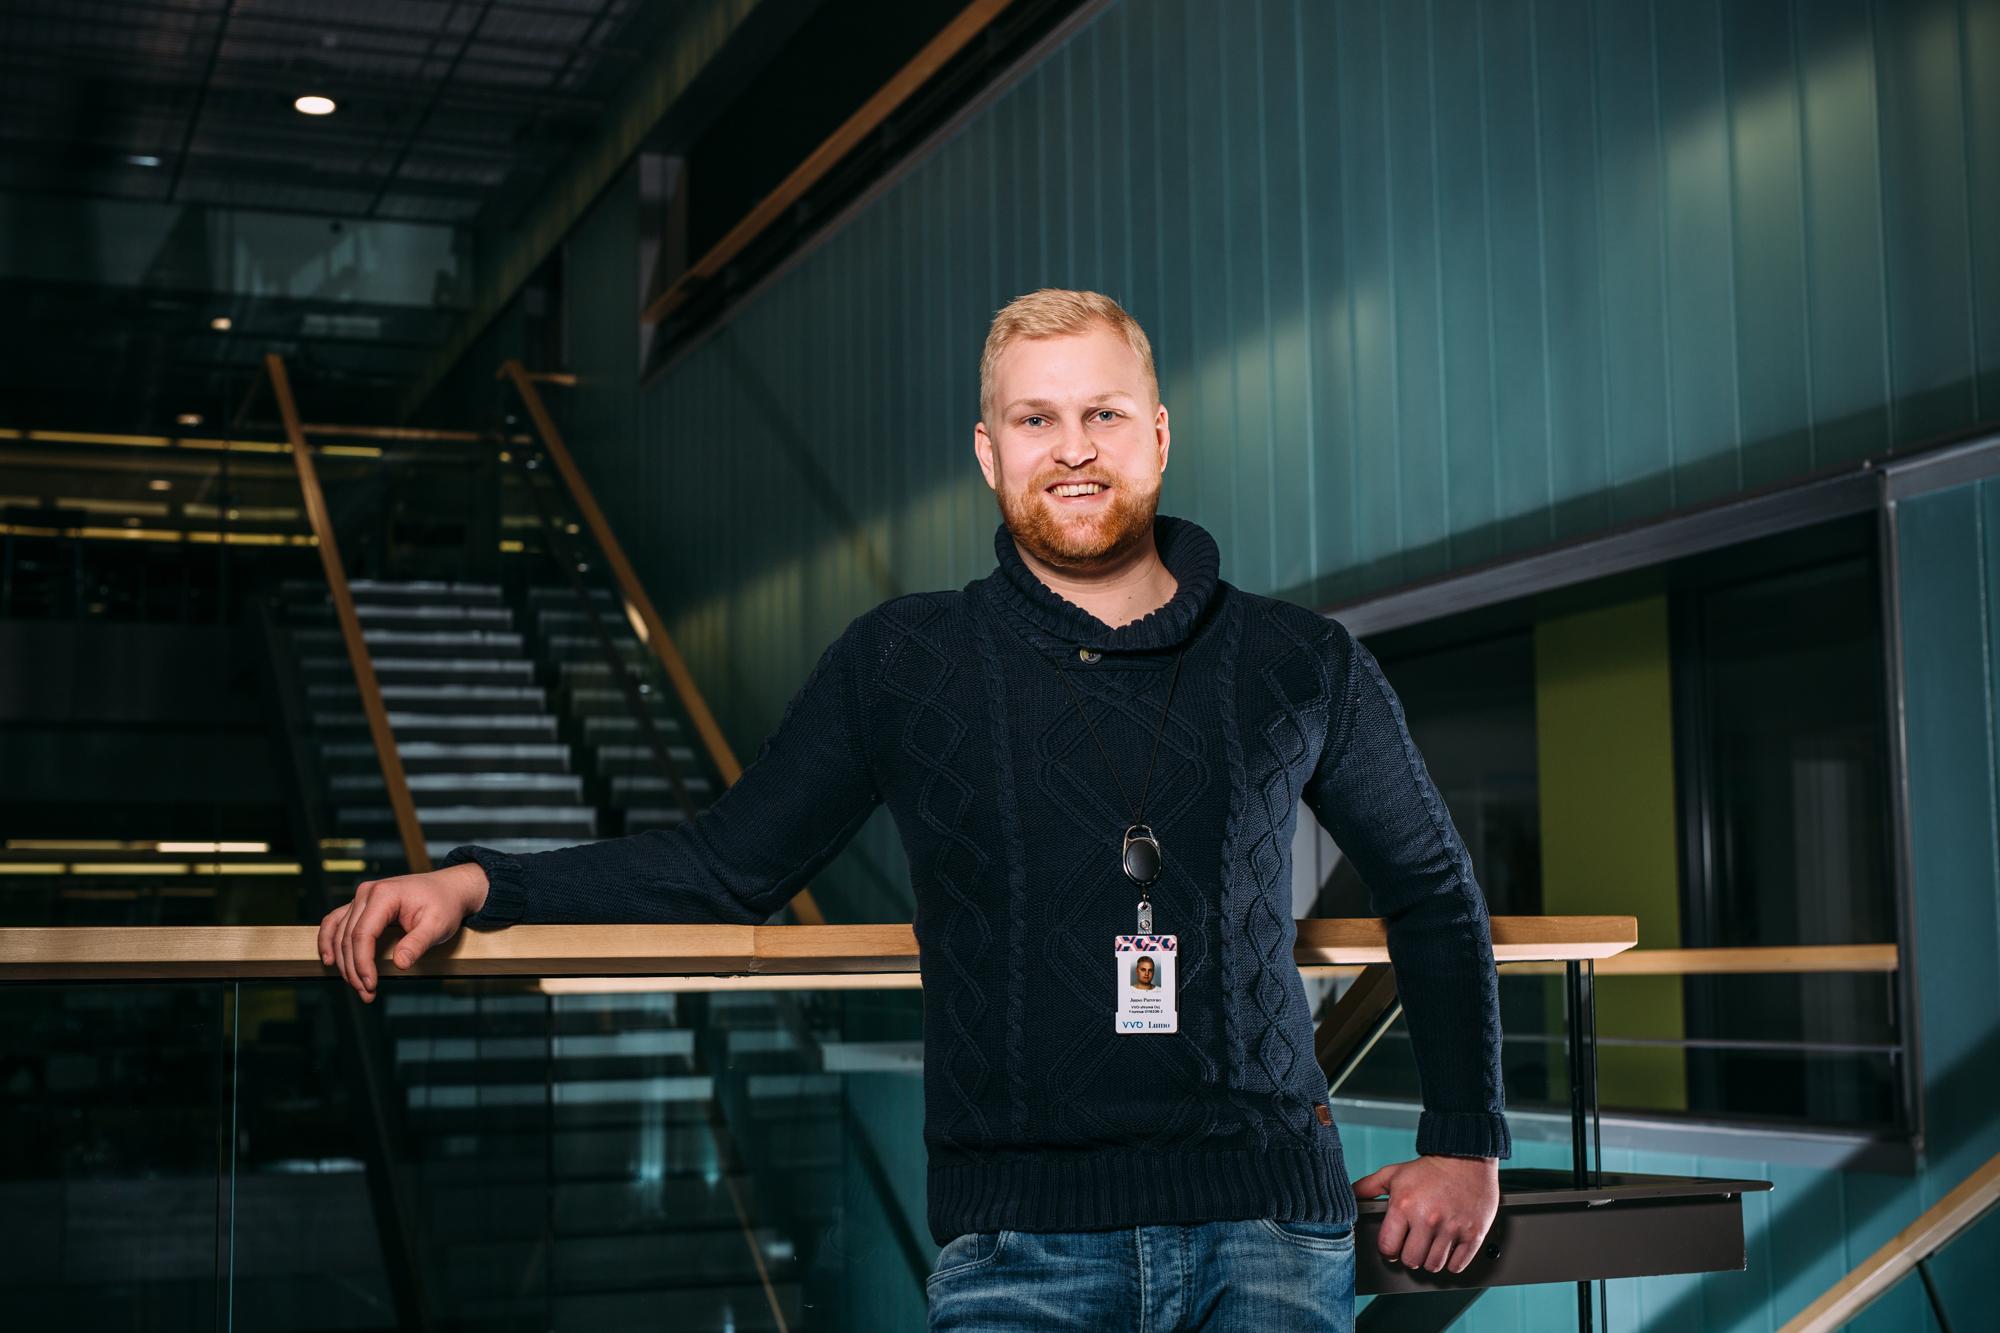 Kojamon kesätyössä korostuu asiakaslähtöinen ja energinen asenne. Kuva: Niko Jekkonen